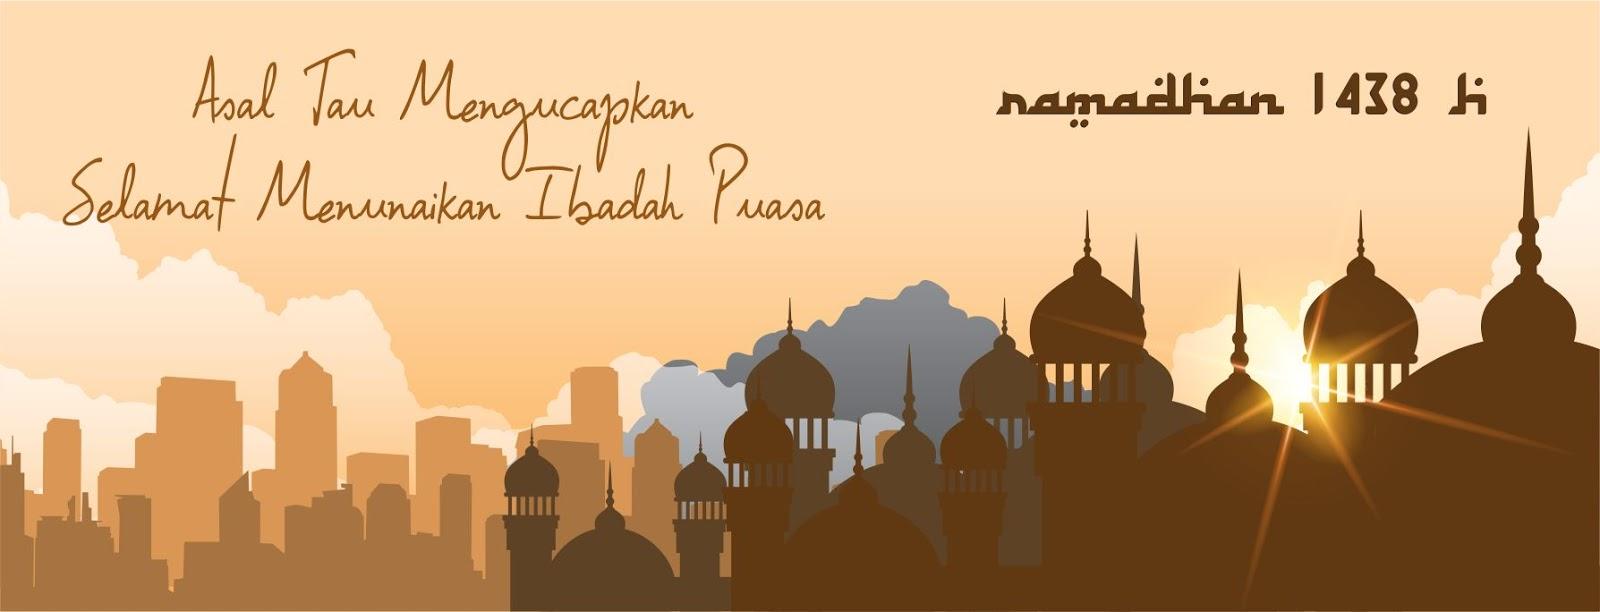 Download Desain Template Ramadhan - Asal Tau